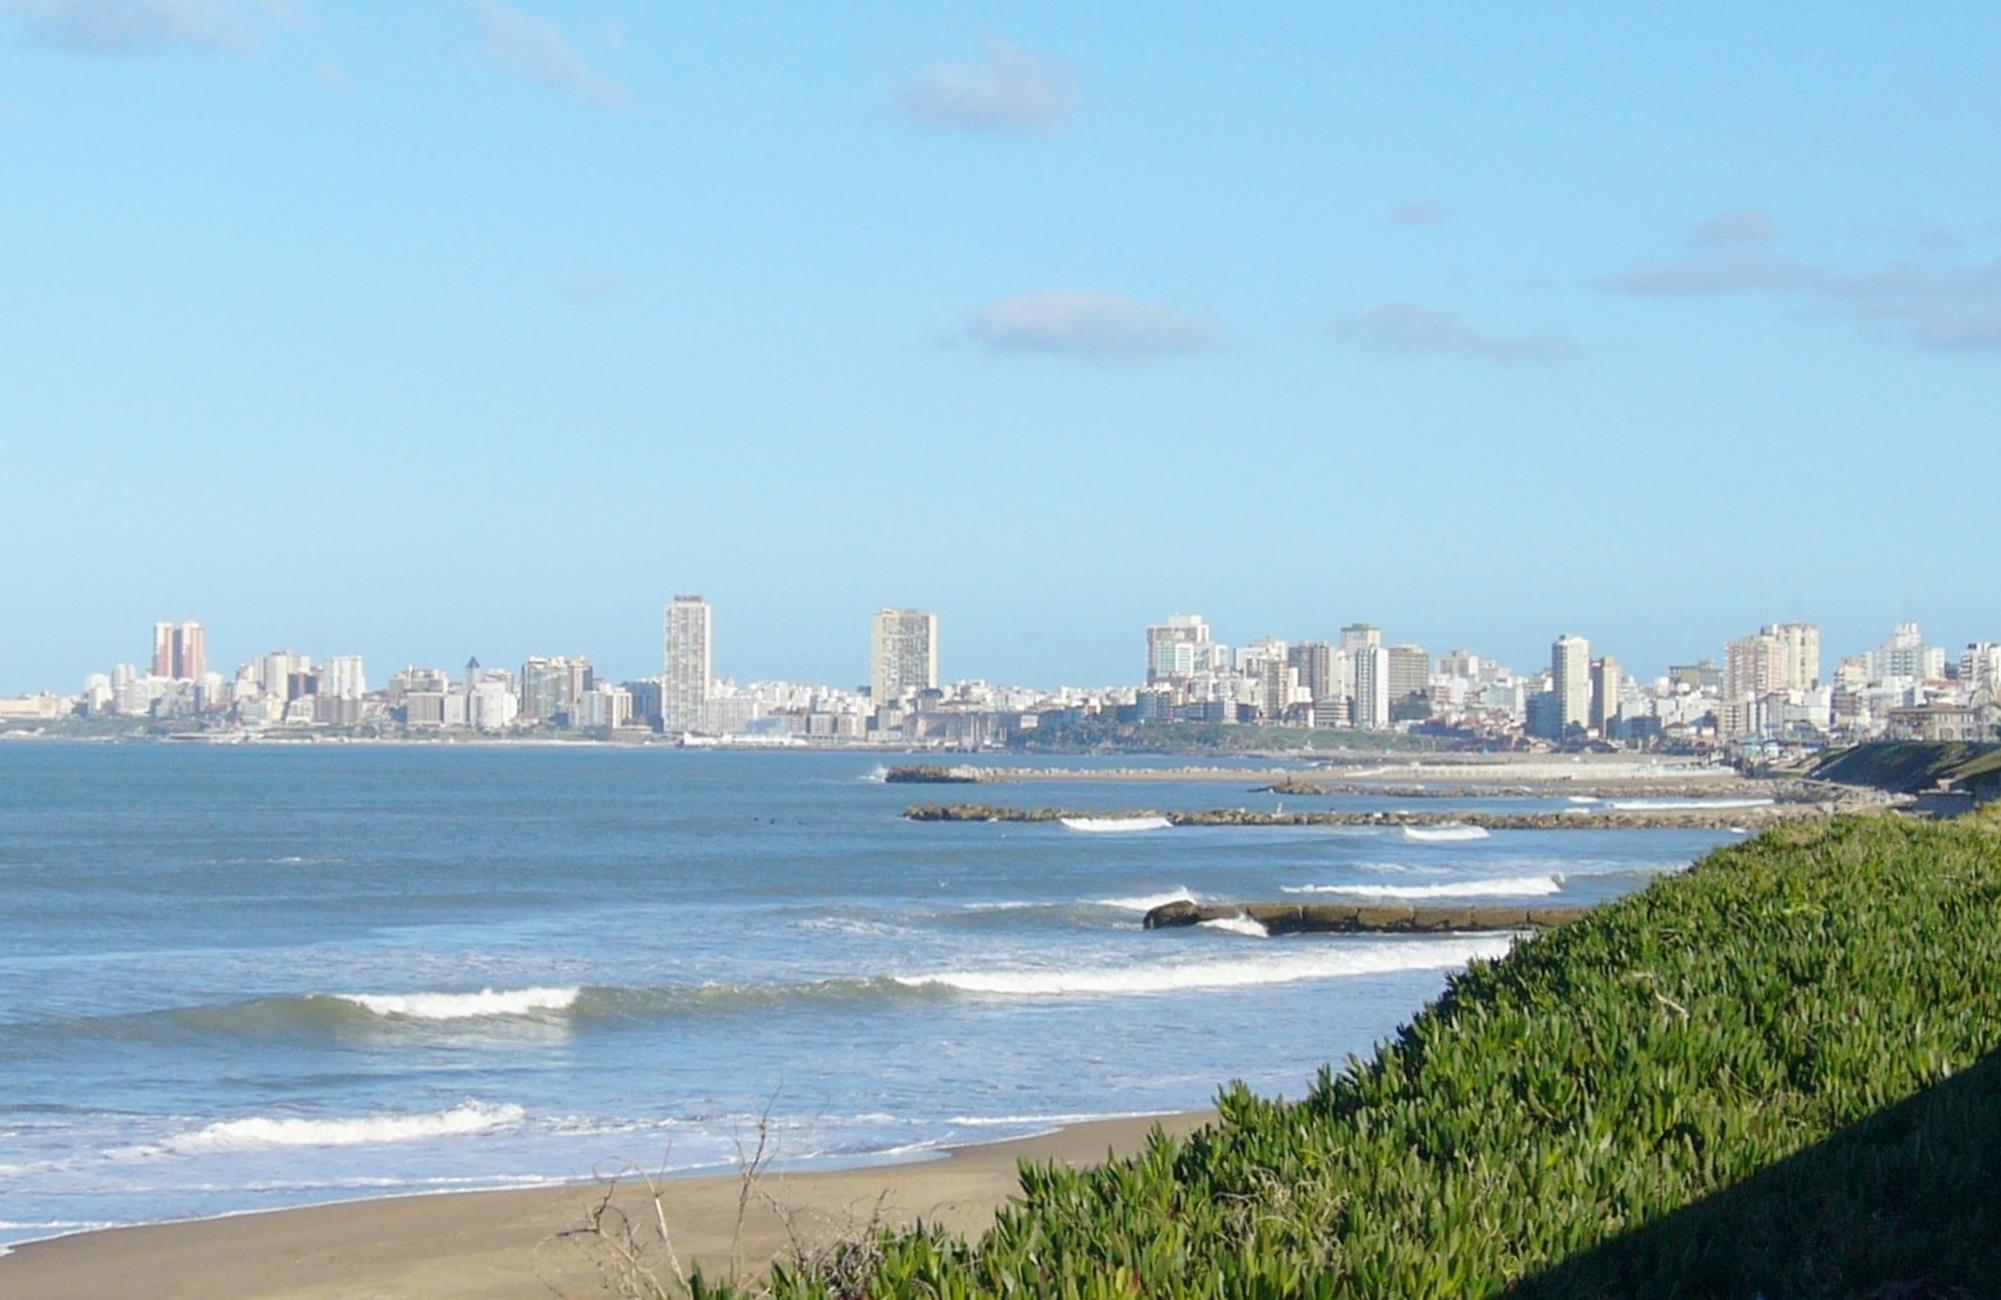 Voyage en Argentine - Mar del Plata - Amplitudes